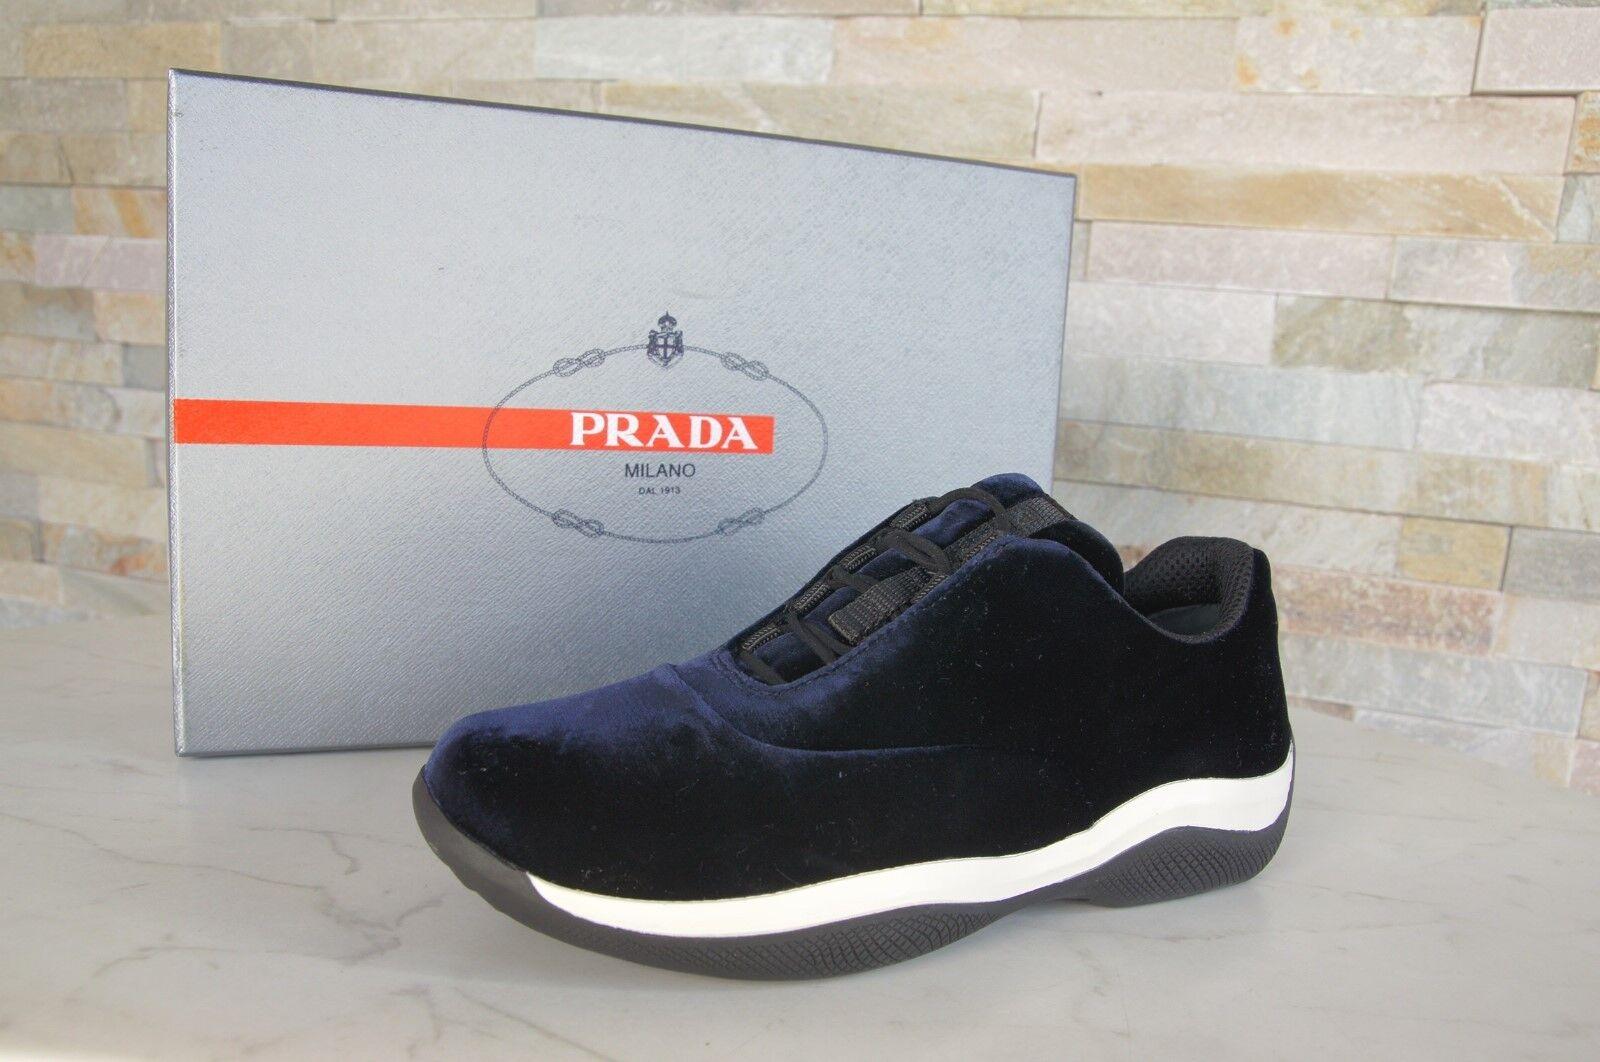 PRADA N. 35 Sneaker NUOVO Slip-on Scarpe Velluto Blu 3e6205 NUOVO Sneaker UVP d33429